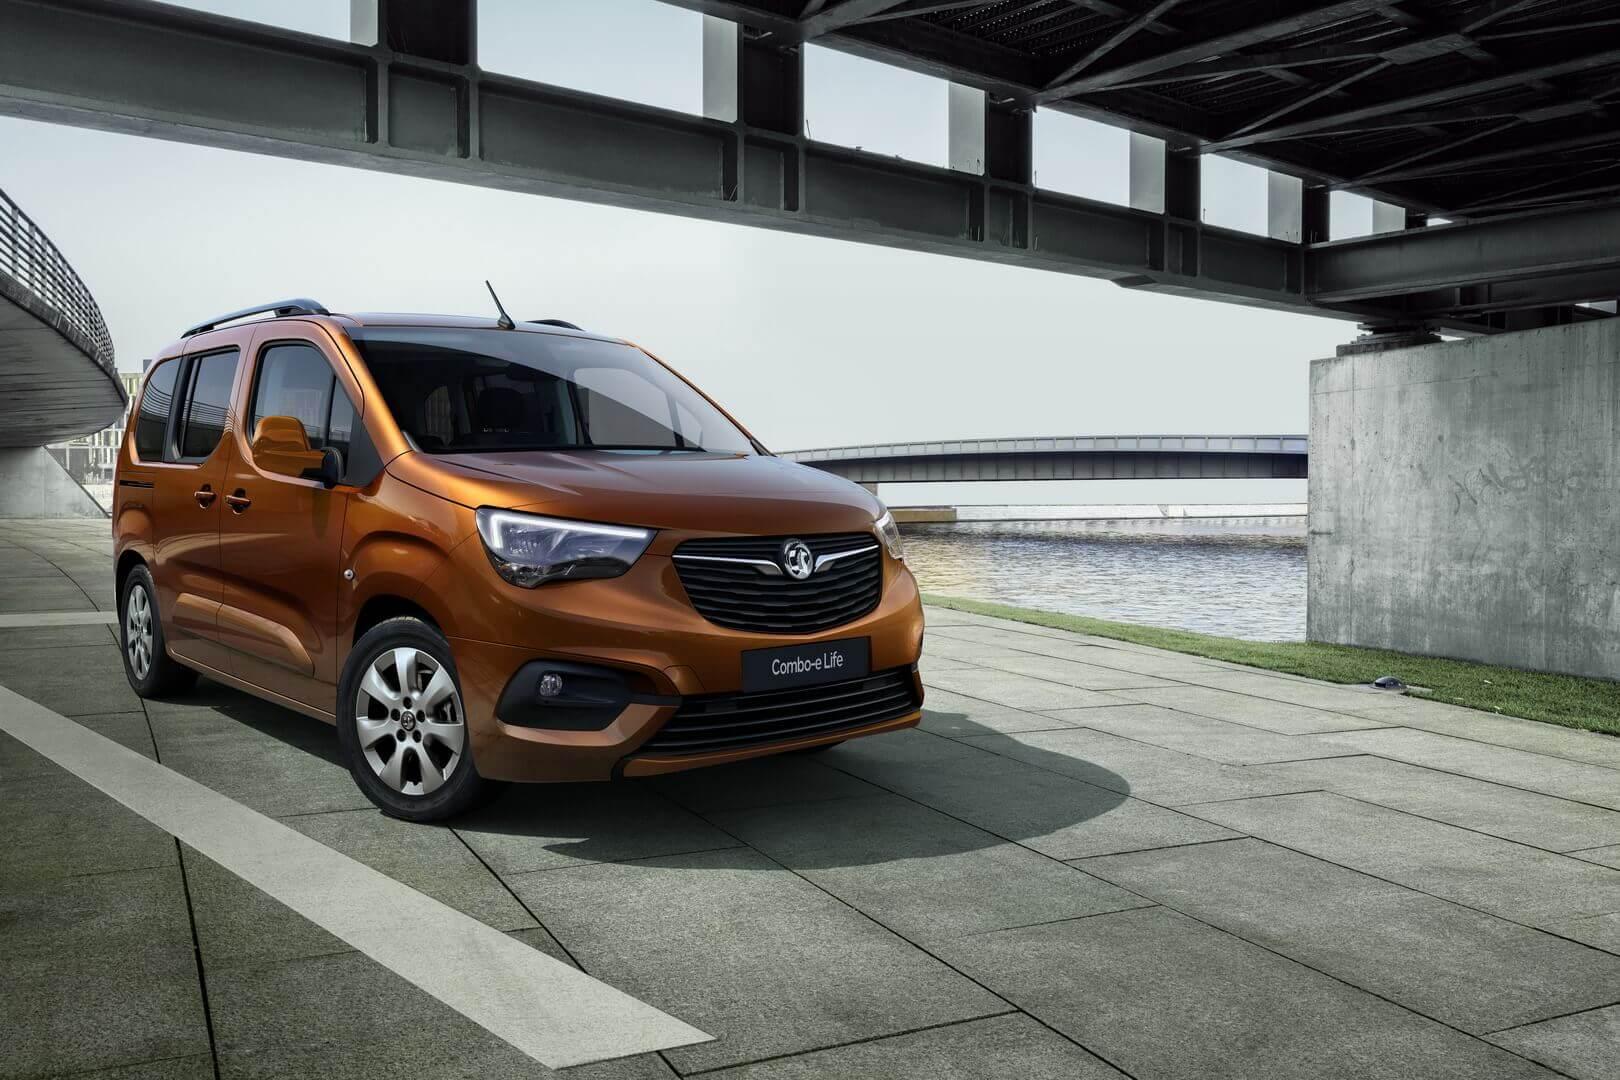 Opel/Vauxhall представляют электрический пассажирский фургон Combo-e Life в двух вариантах длины